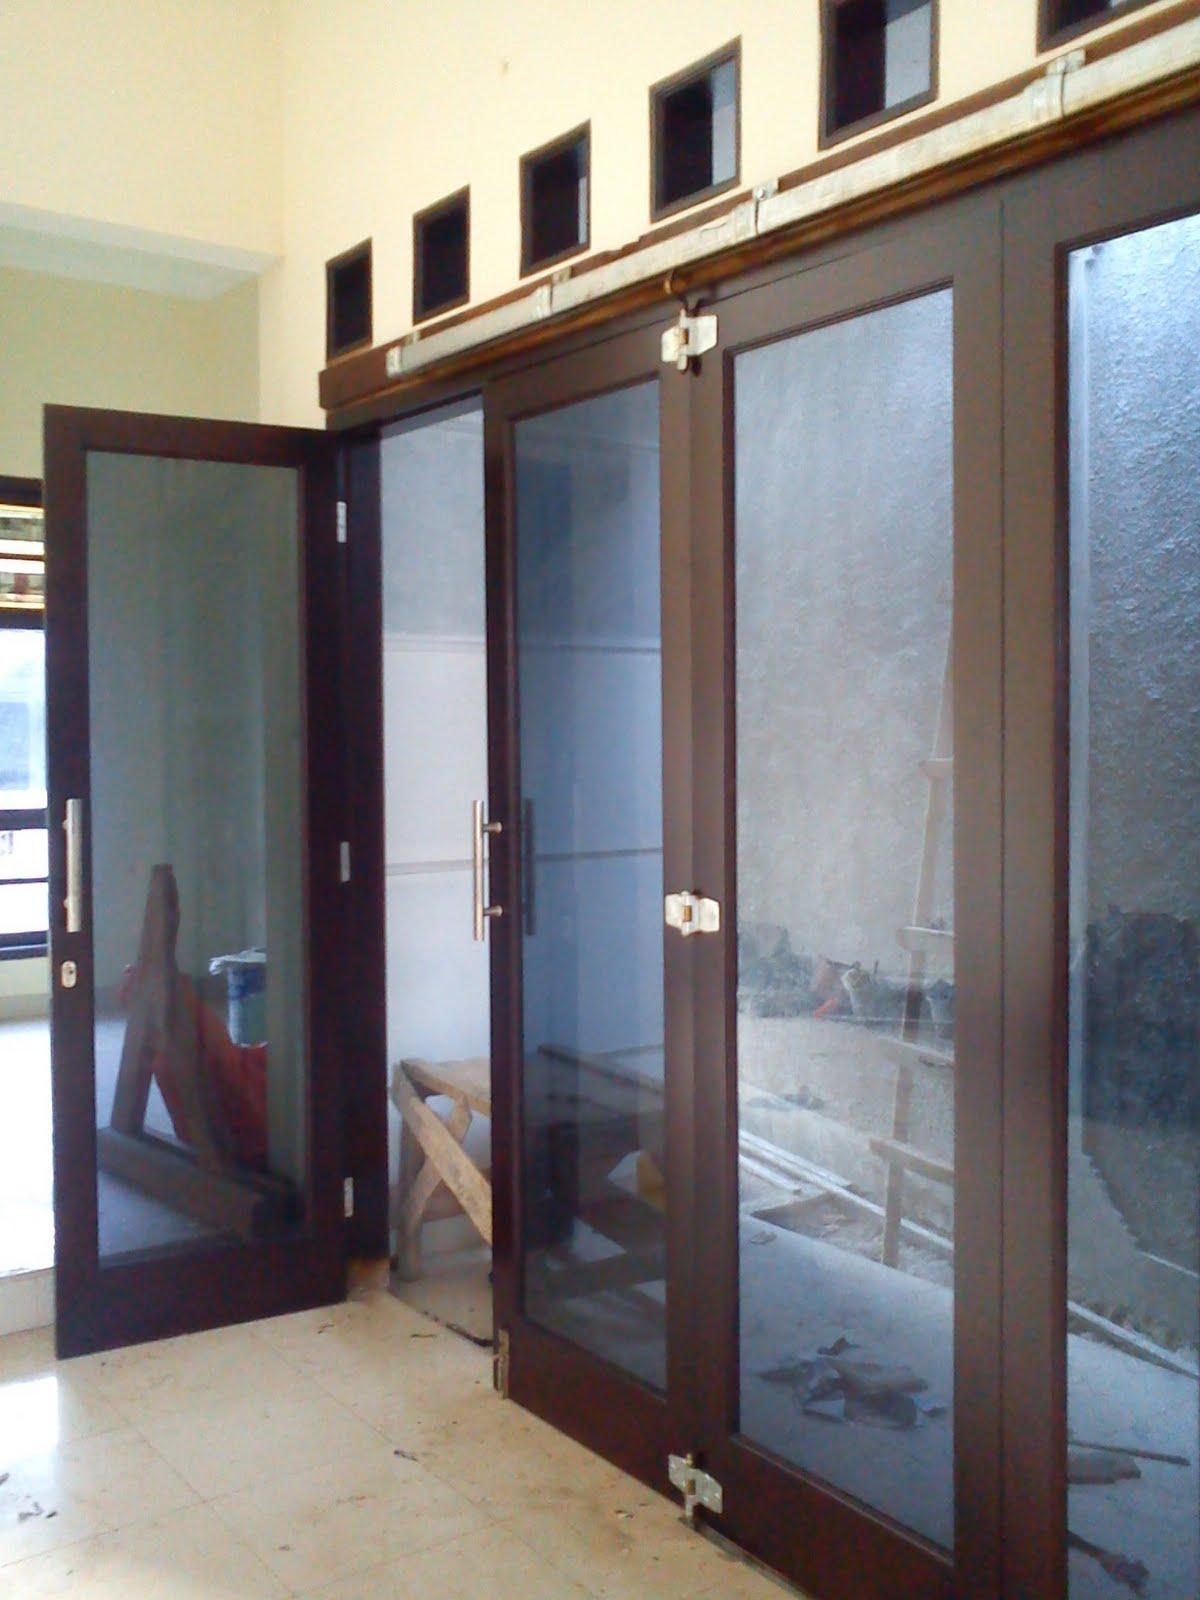 Contoh Pintu Rumah dari Kaca 2016 - Rumah Minimalis